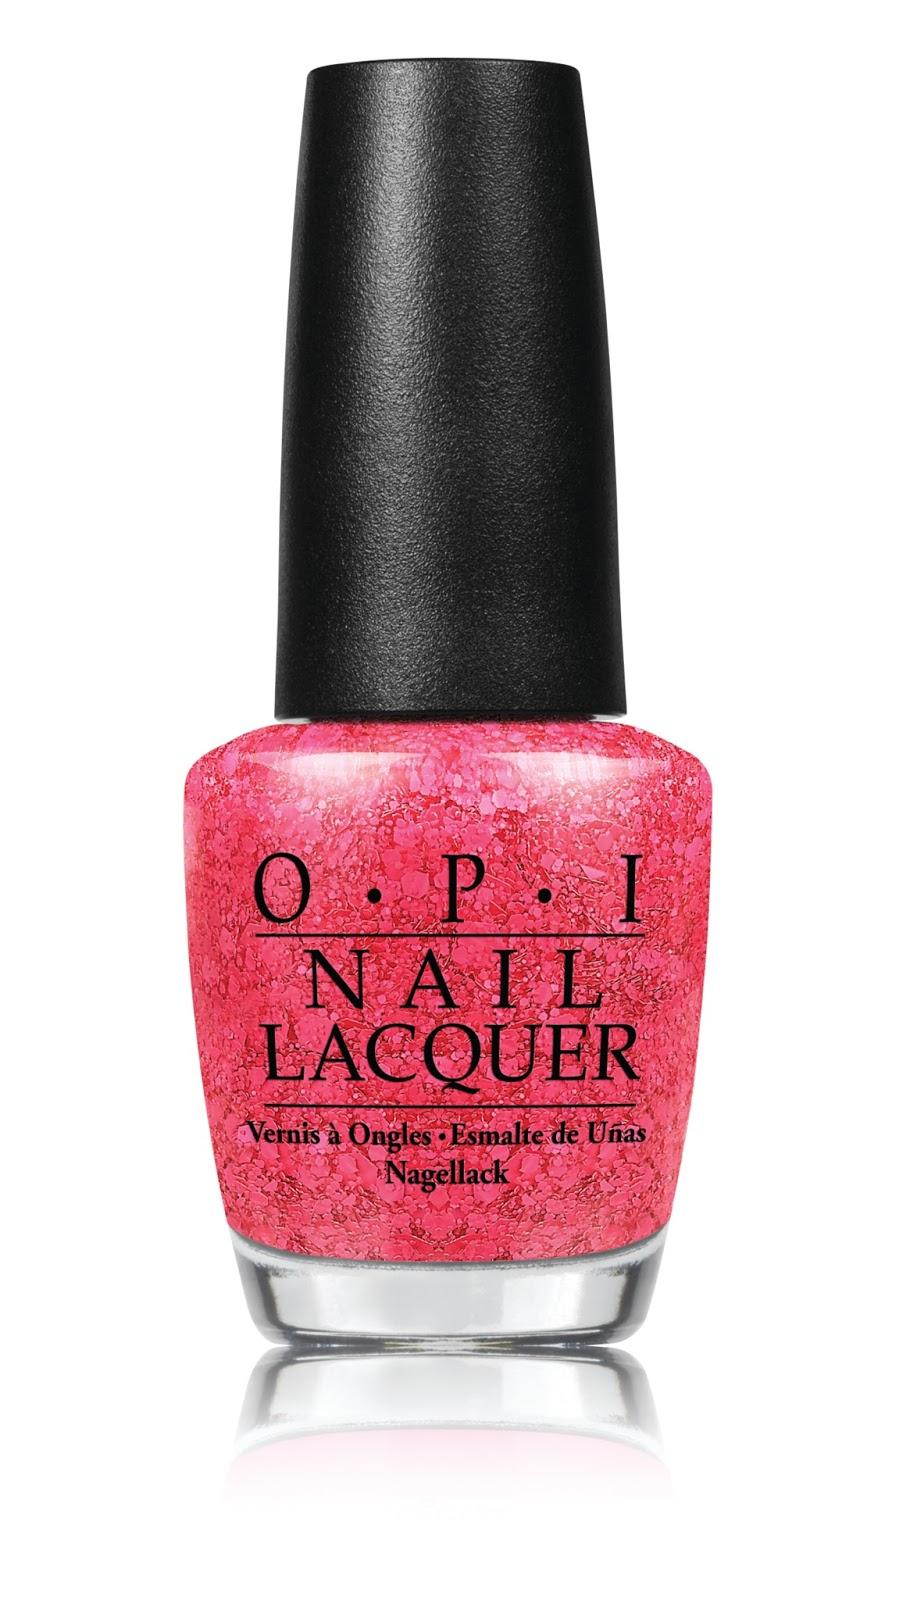 OPI Лак для ногтей On Pinks & Needles, 15 млNLM42Лак для ногтей из коллекции Brights OPI 2015. Ярко-розовый глиттер. Палитра лаков Brights OPI - это яркие лаки для ногтей, которые отлично смотрятся как на длинных, так и на коротких ногтях. Лаки-глиттеры идеально подходят для дизайна ногтей. Вся коллекция представлена также и в гель-лаке GelColor.